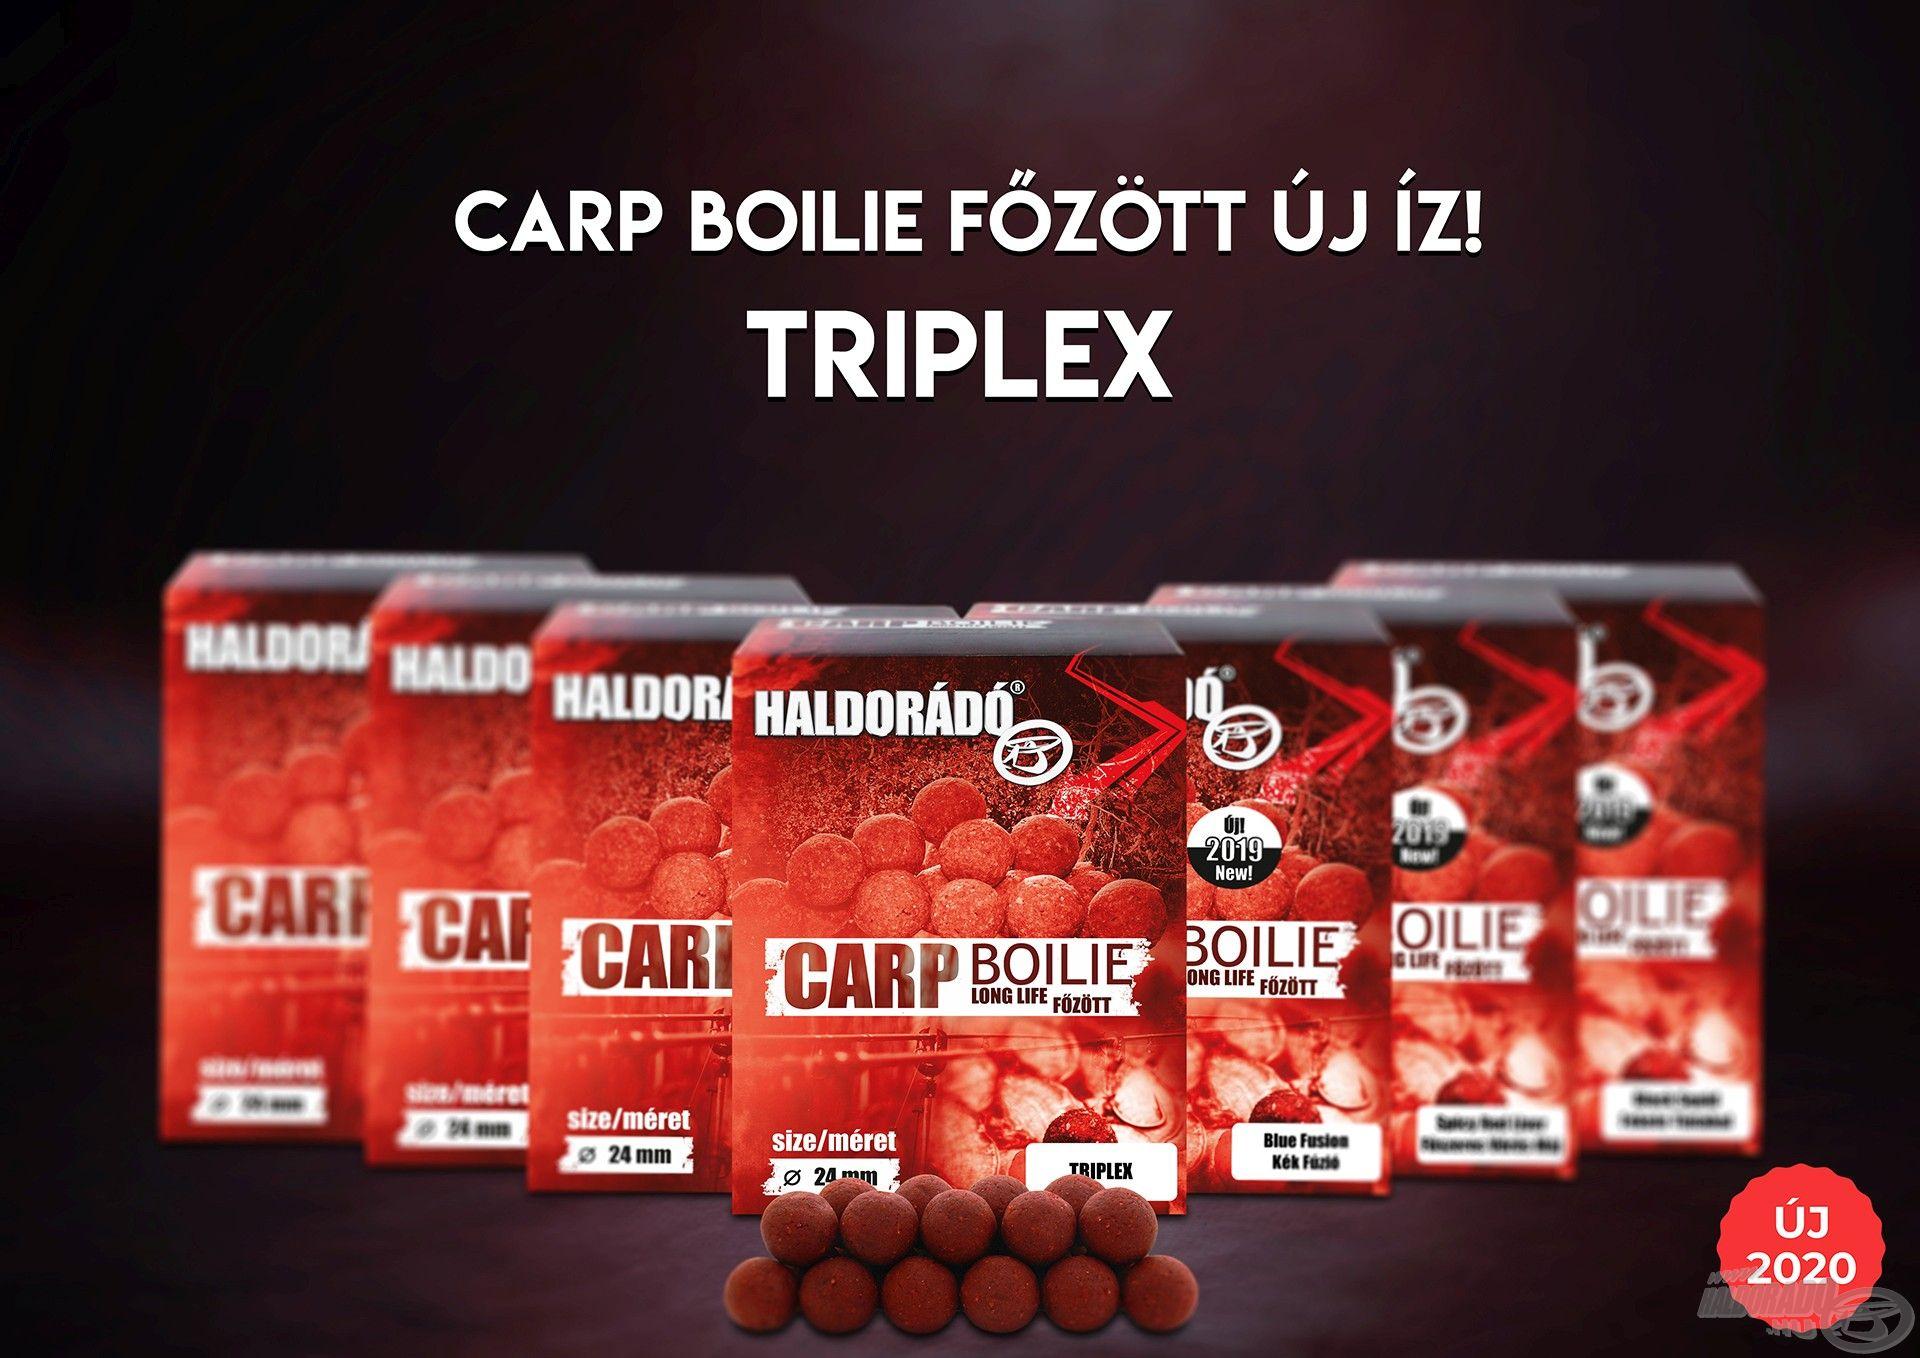 Íme, a Carp Boilie főzött termékcsoport legújabb, TripleX változata!